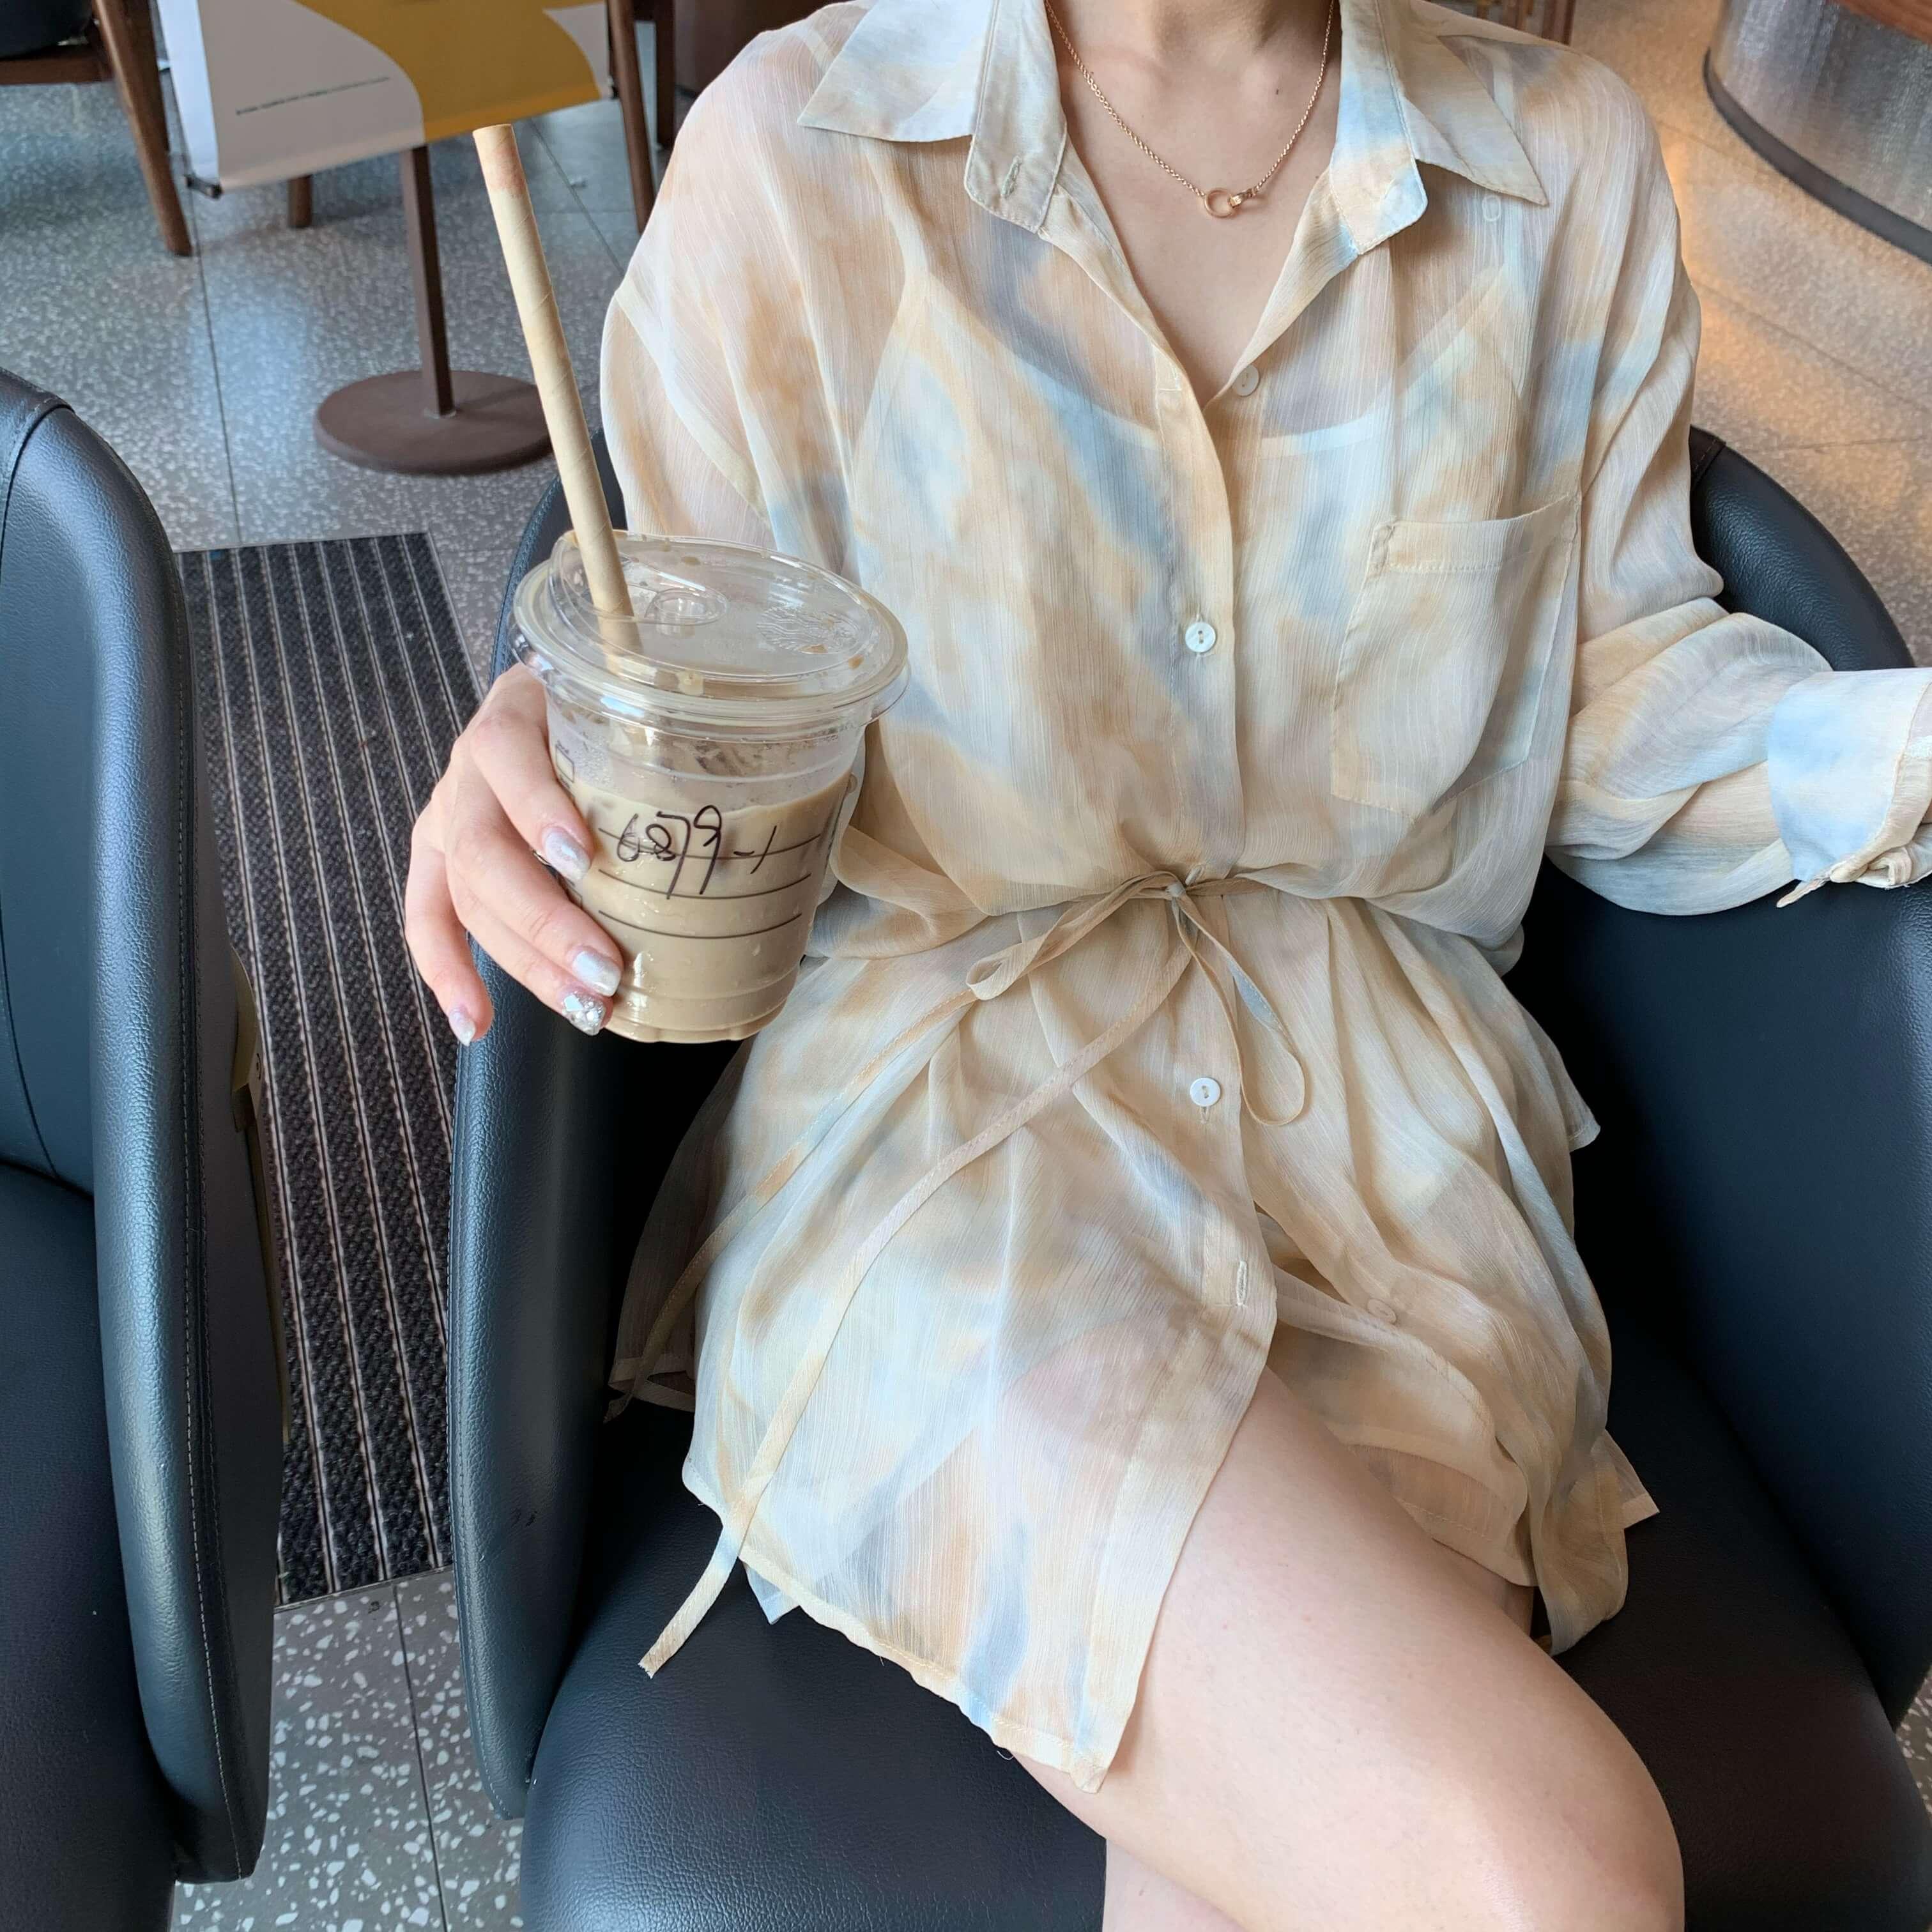 休闲长袖衬衫 夏日清新衬衫套装女长袖防晒衬衫套装 休闲洋气女_推荐淘宝好看的女休闲长袖衬衫